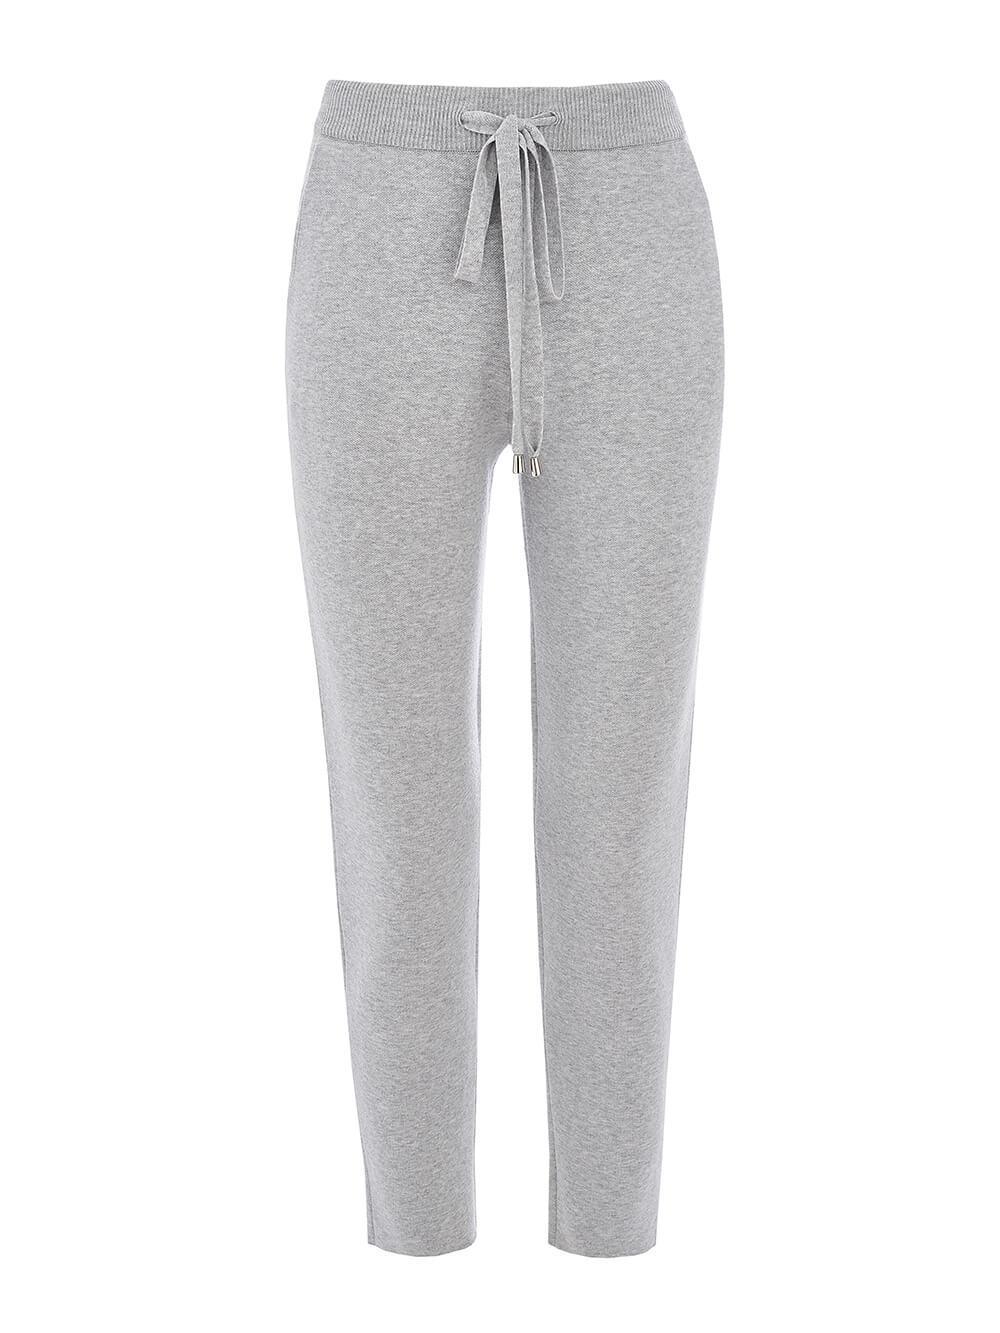 Женские брюки серого цвета из вискозы - фото 1